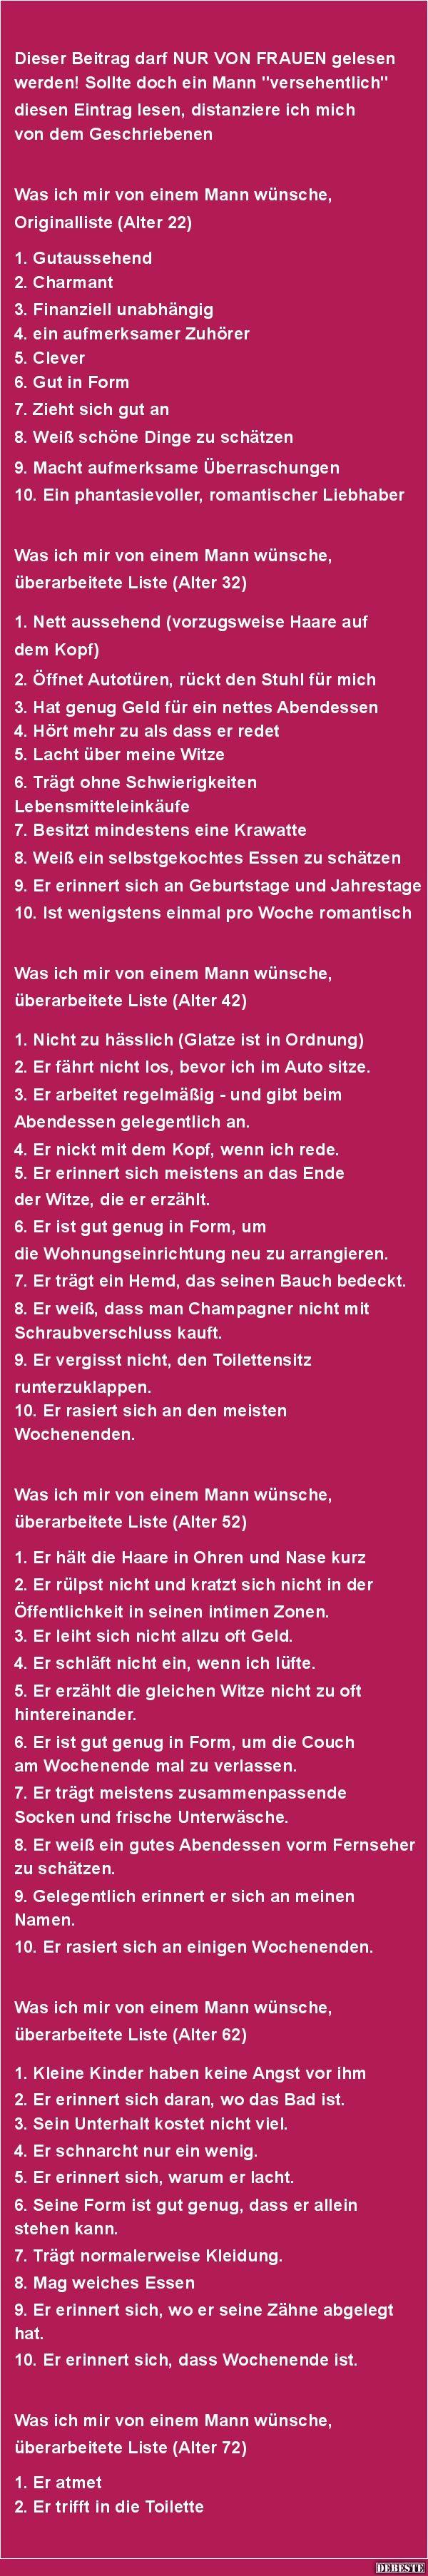 Was Frau alles will... | DEBESTE.de, Lustige Bilder, Sprüche, Witze und Videos